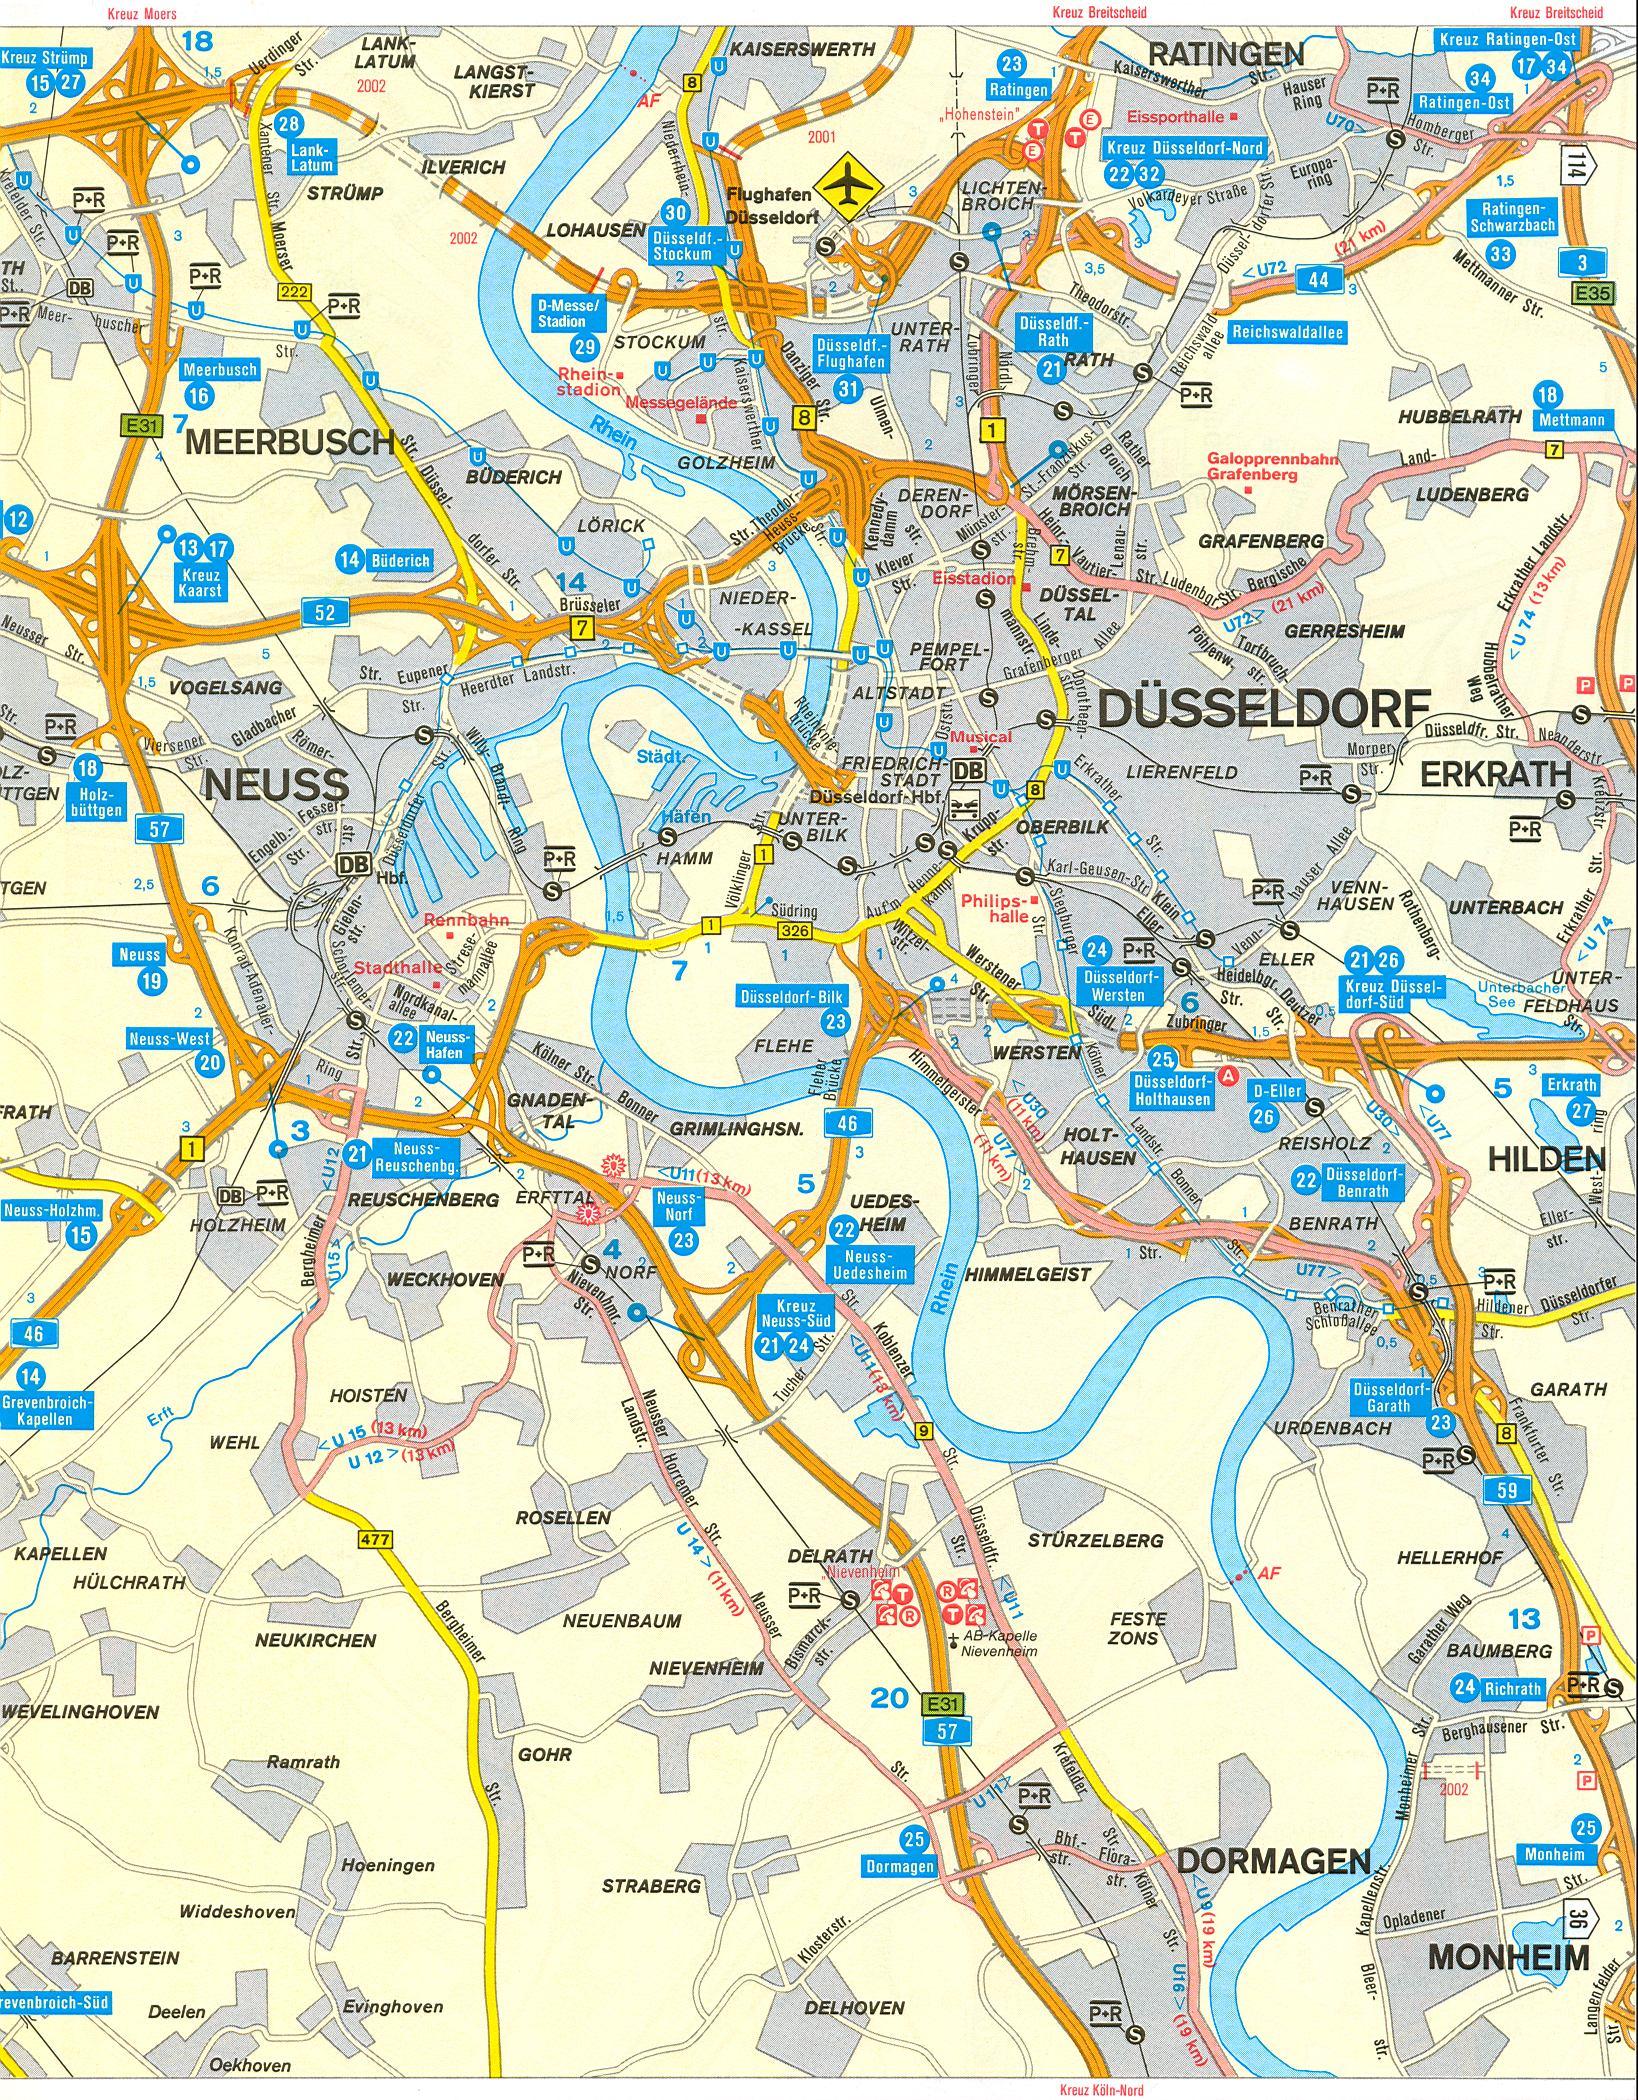 Германия, Дюссельдорф - транспортная схема, авто развязки, аэропорт.  Масштаб 1см:1км.